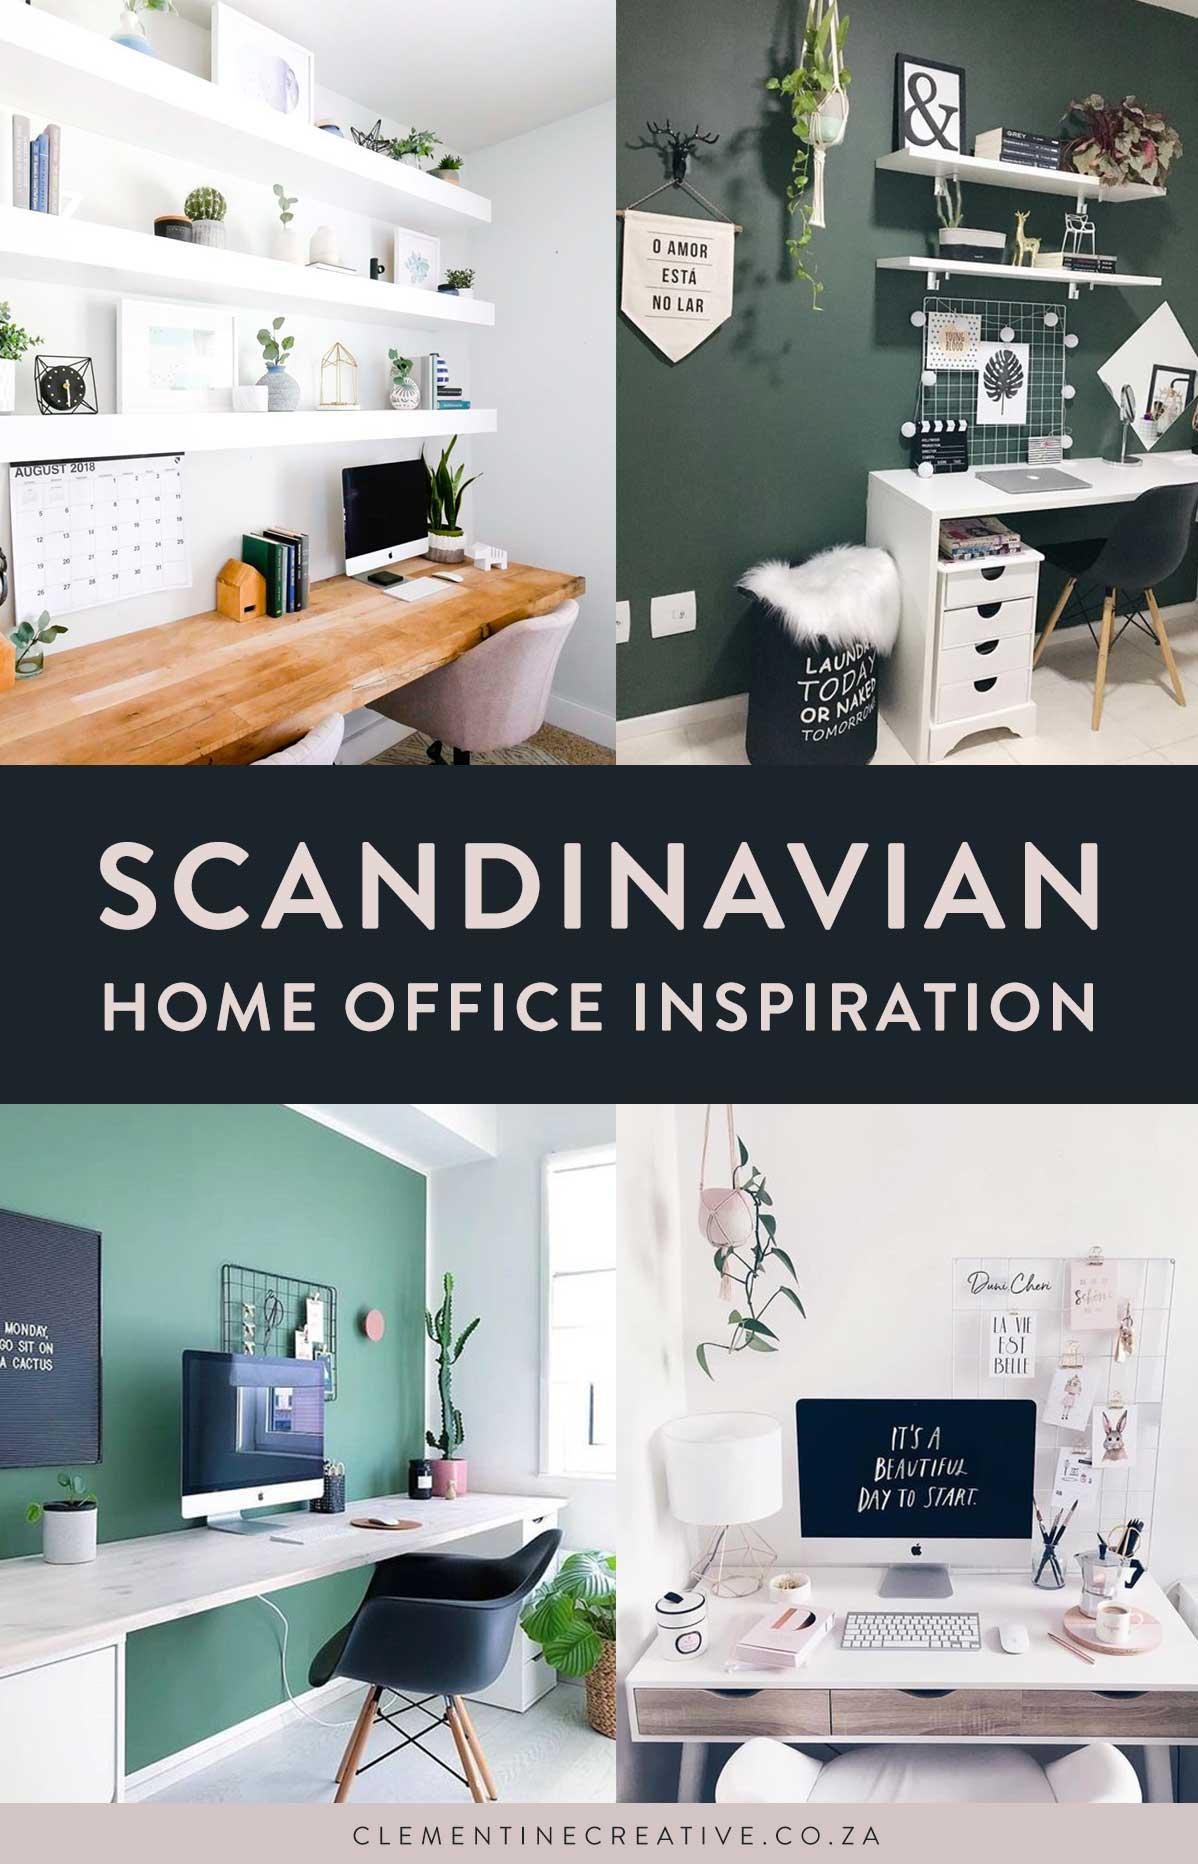 Scandinavian workspace inspiration